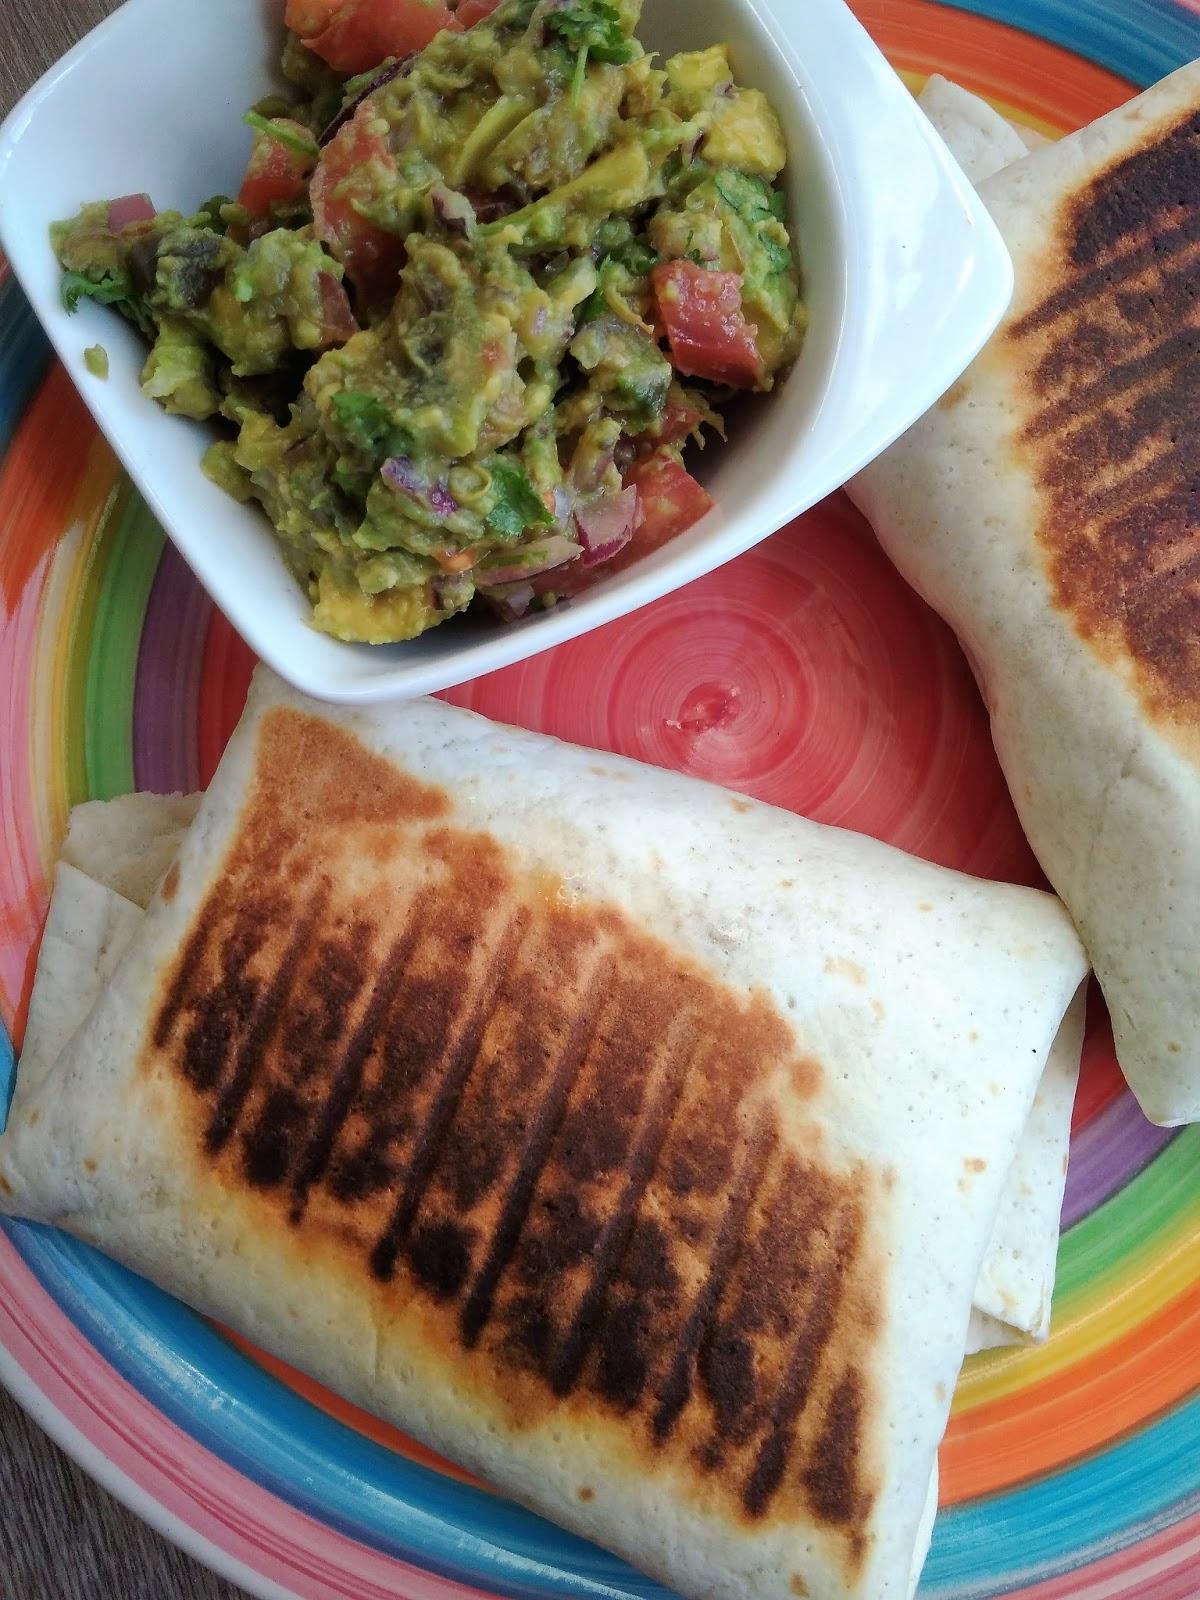 Burrito ze smażoną wołowiną, frijoles i ryżem